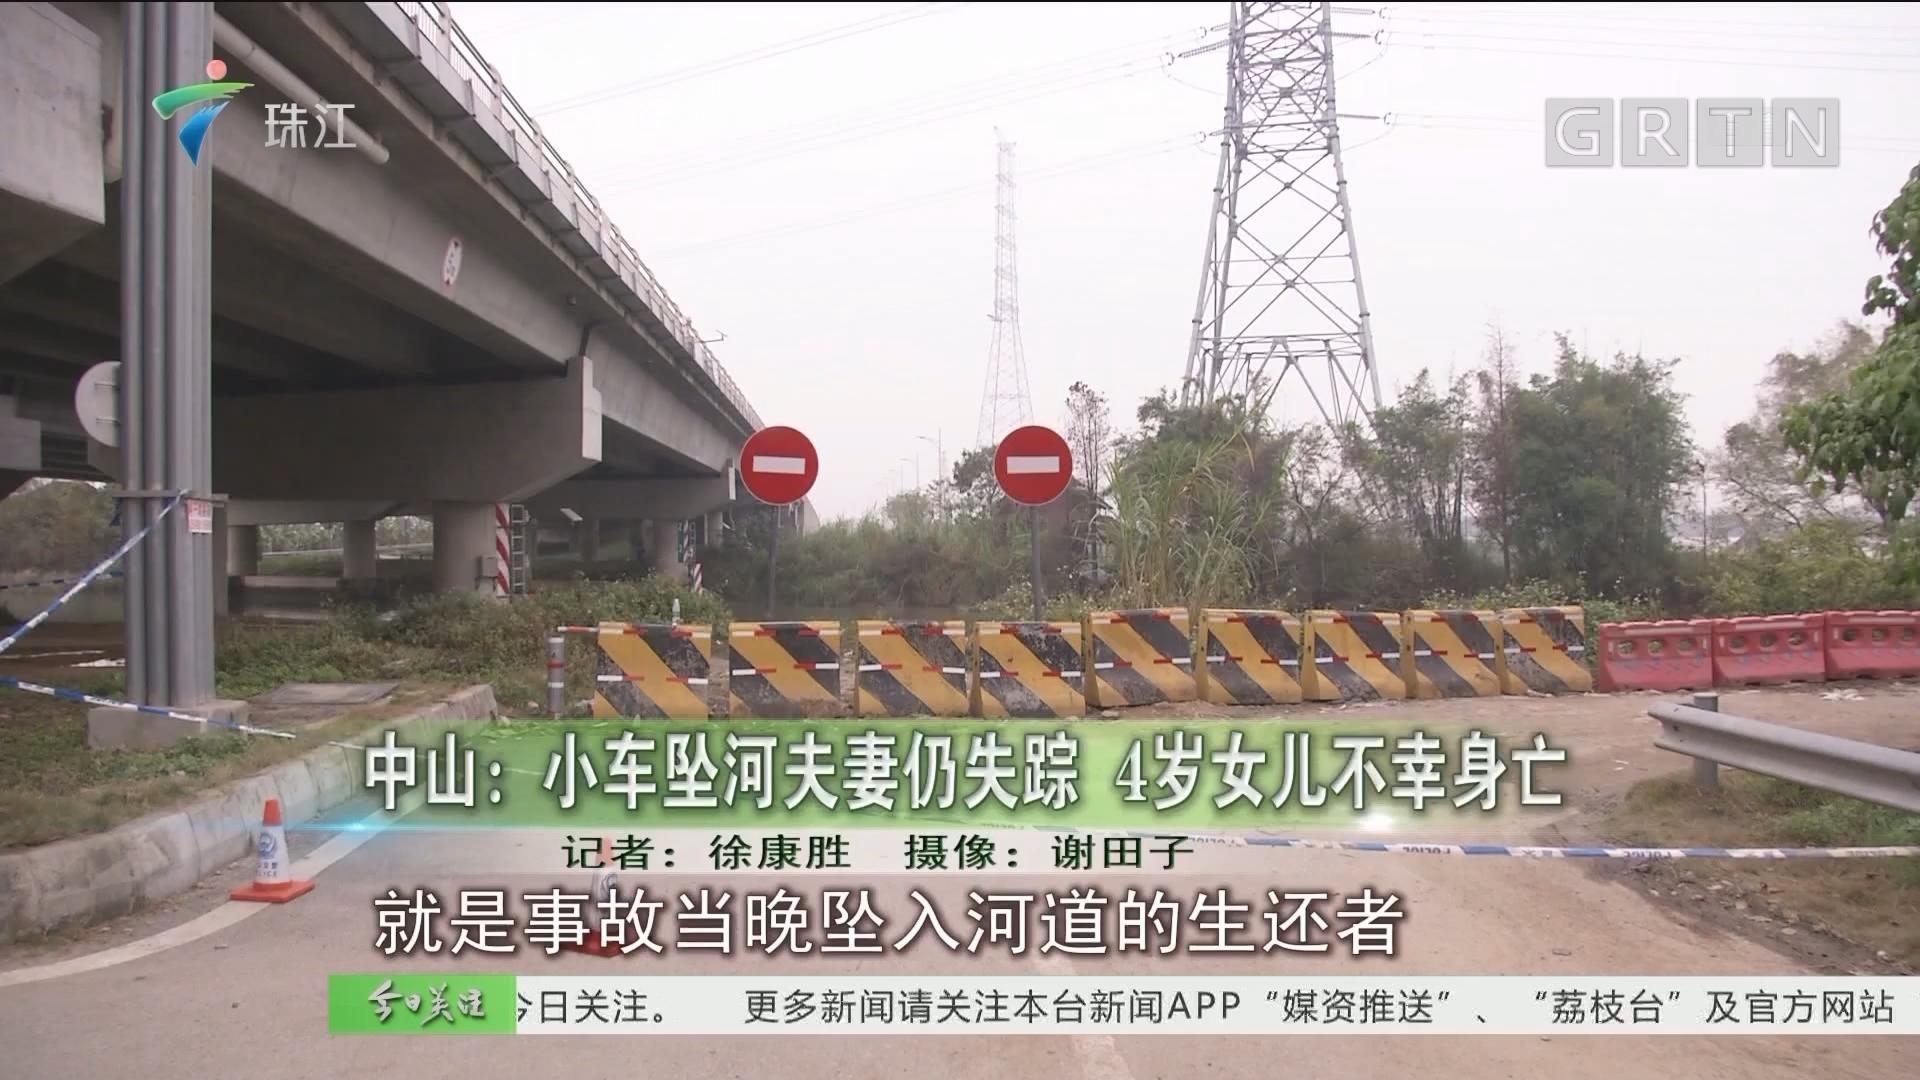 中山:小车坠河夫妻仍失踪 4岁女儿不幸身亡